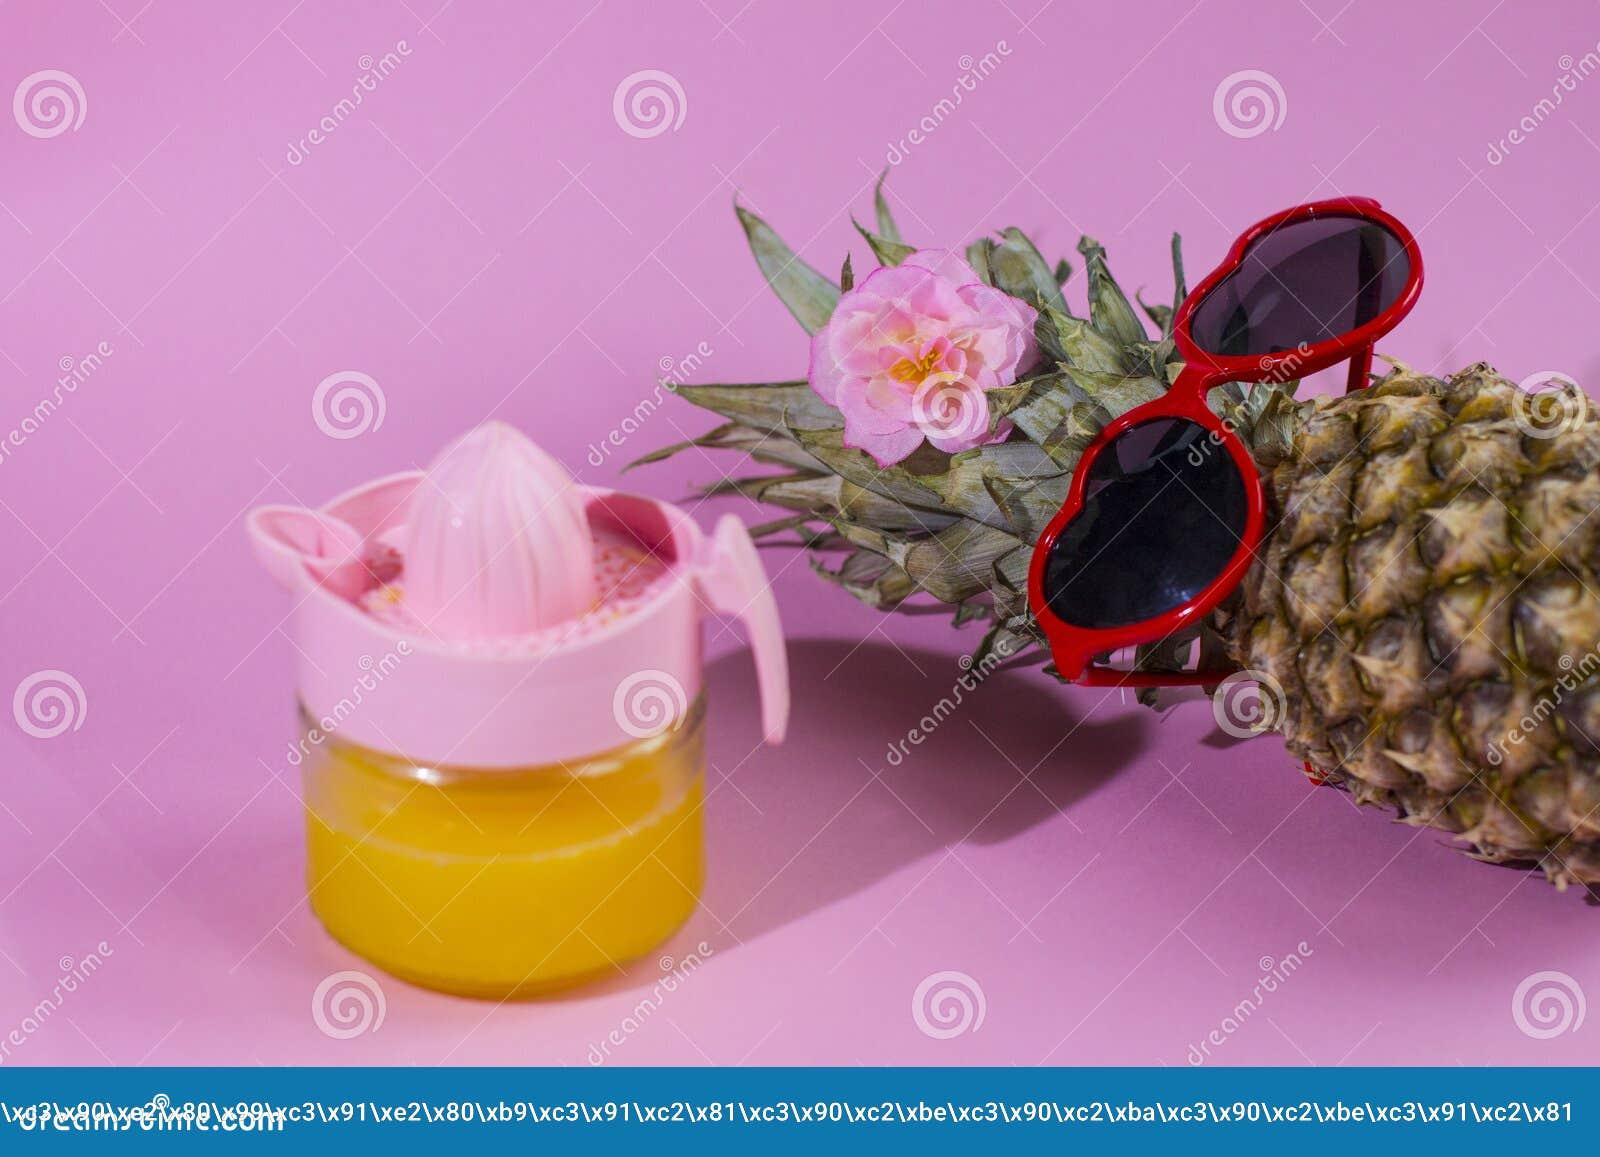 Серия ананаса с солнечными очками на желтой голубой и розовой предпосылке